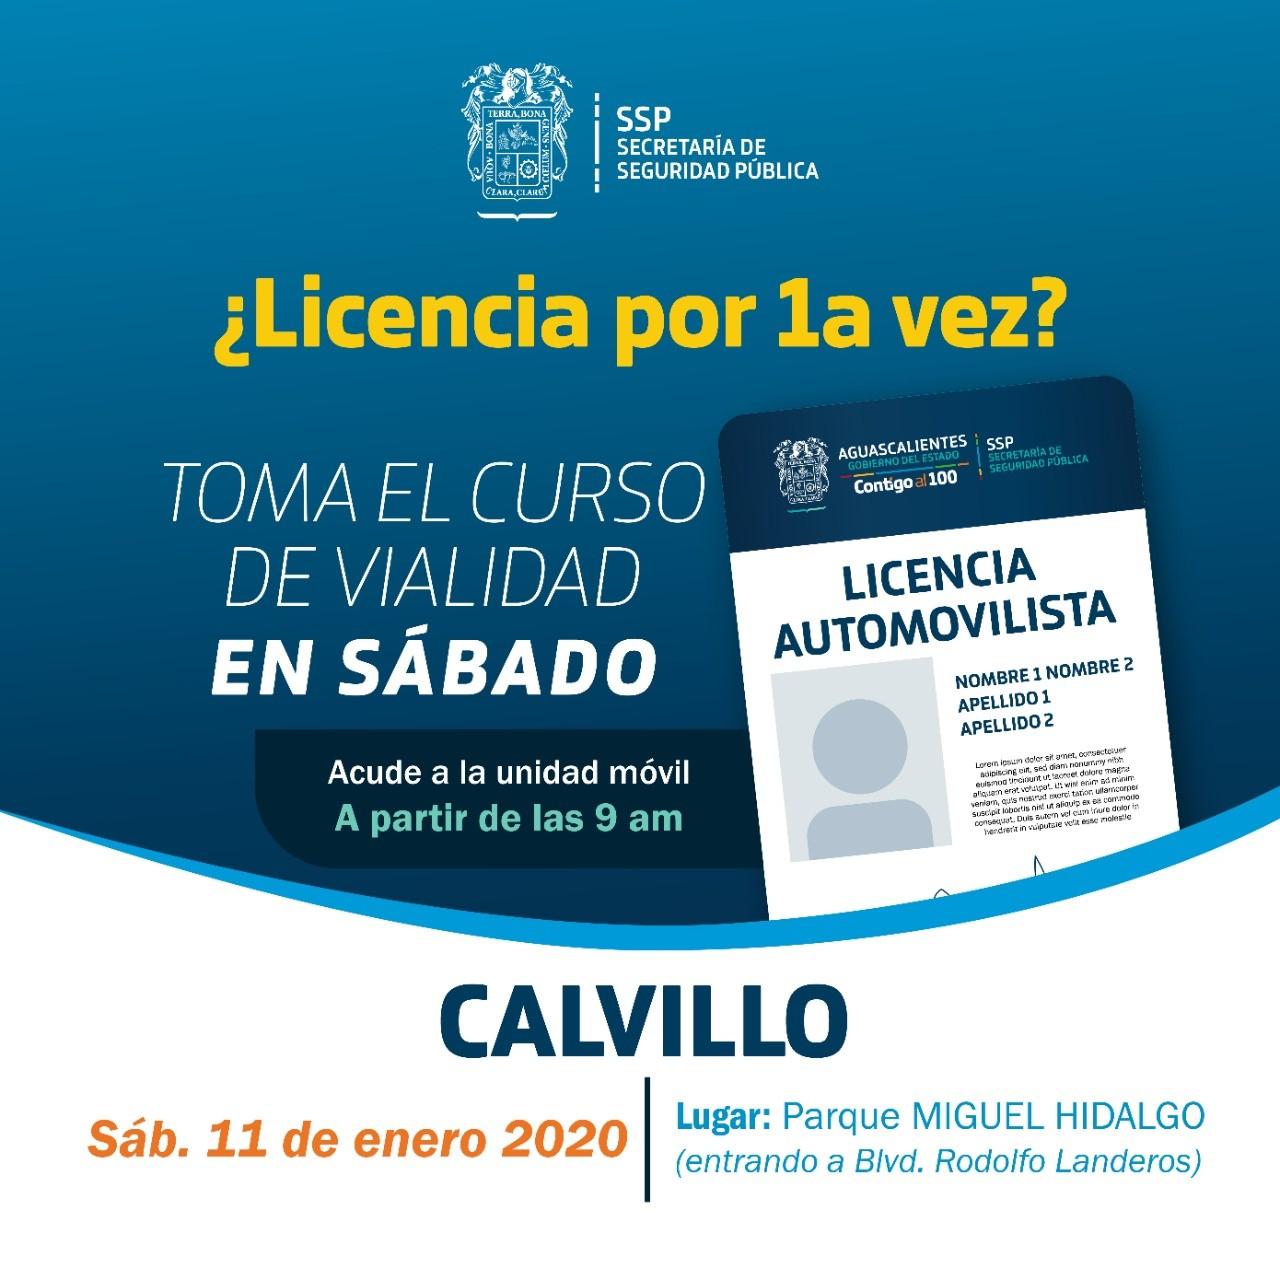 Habrá expedición y renovación de licencias para conducir en Calvillo